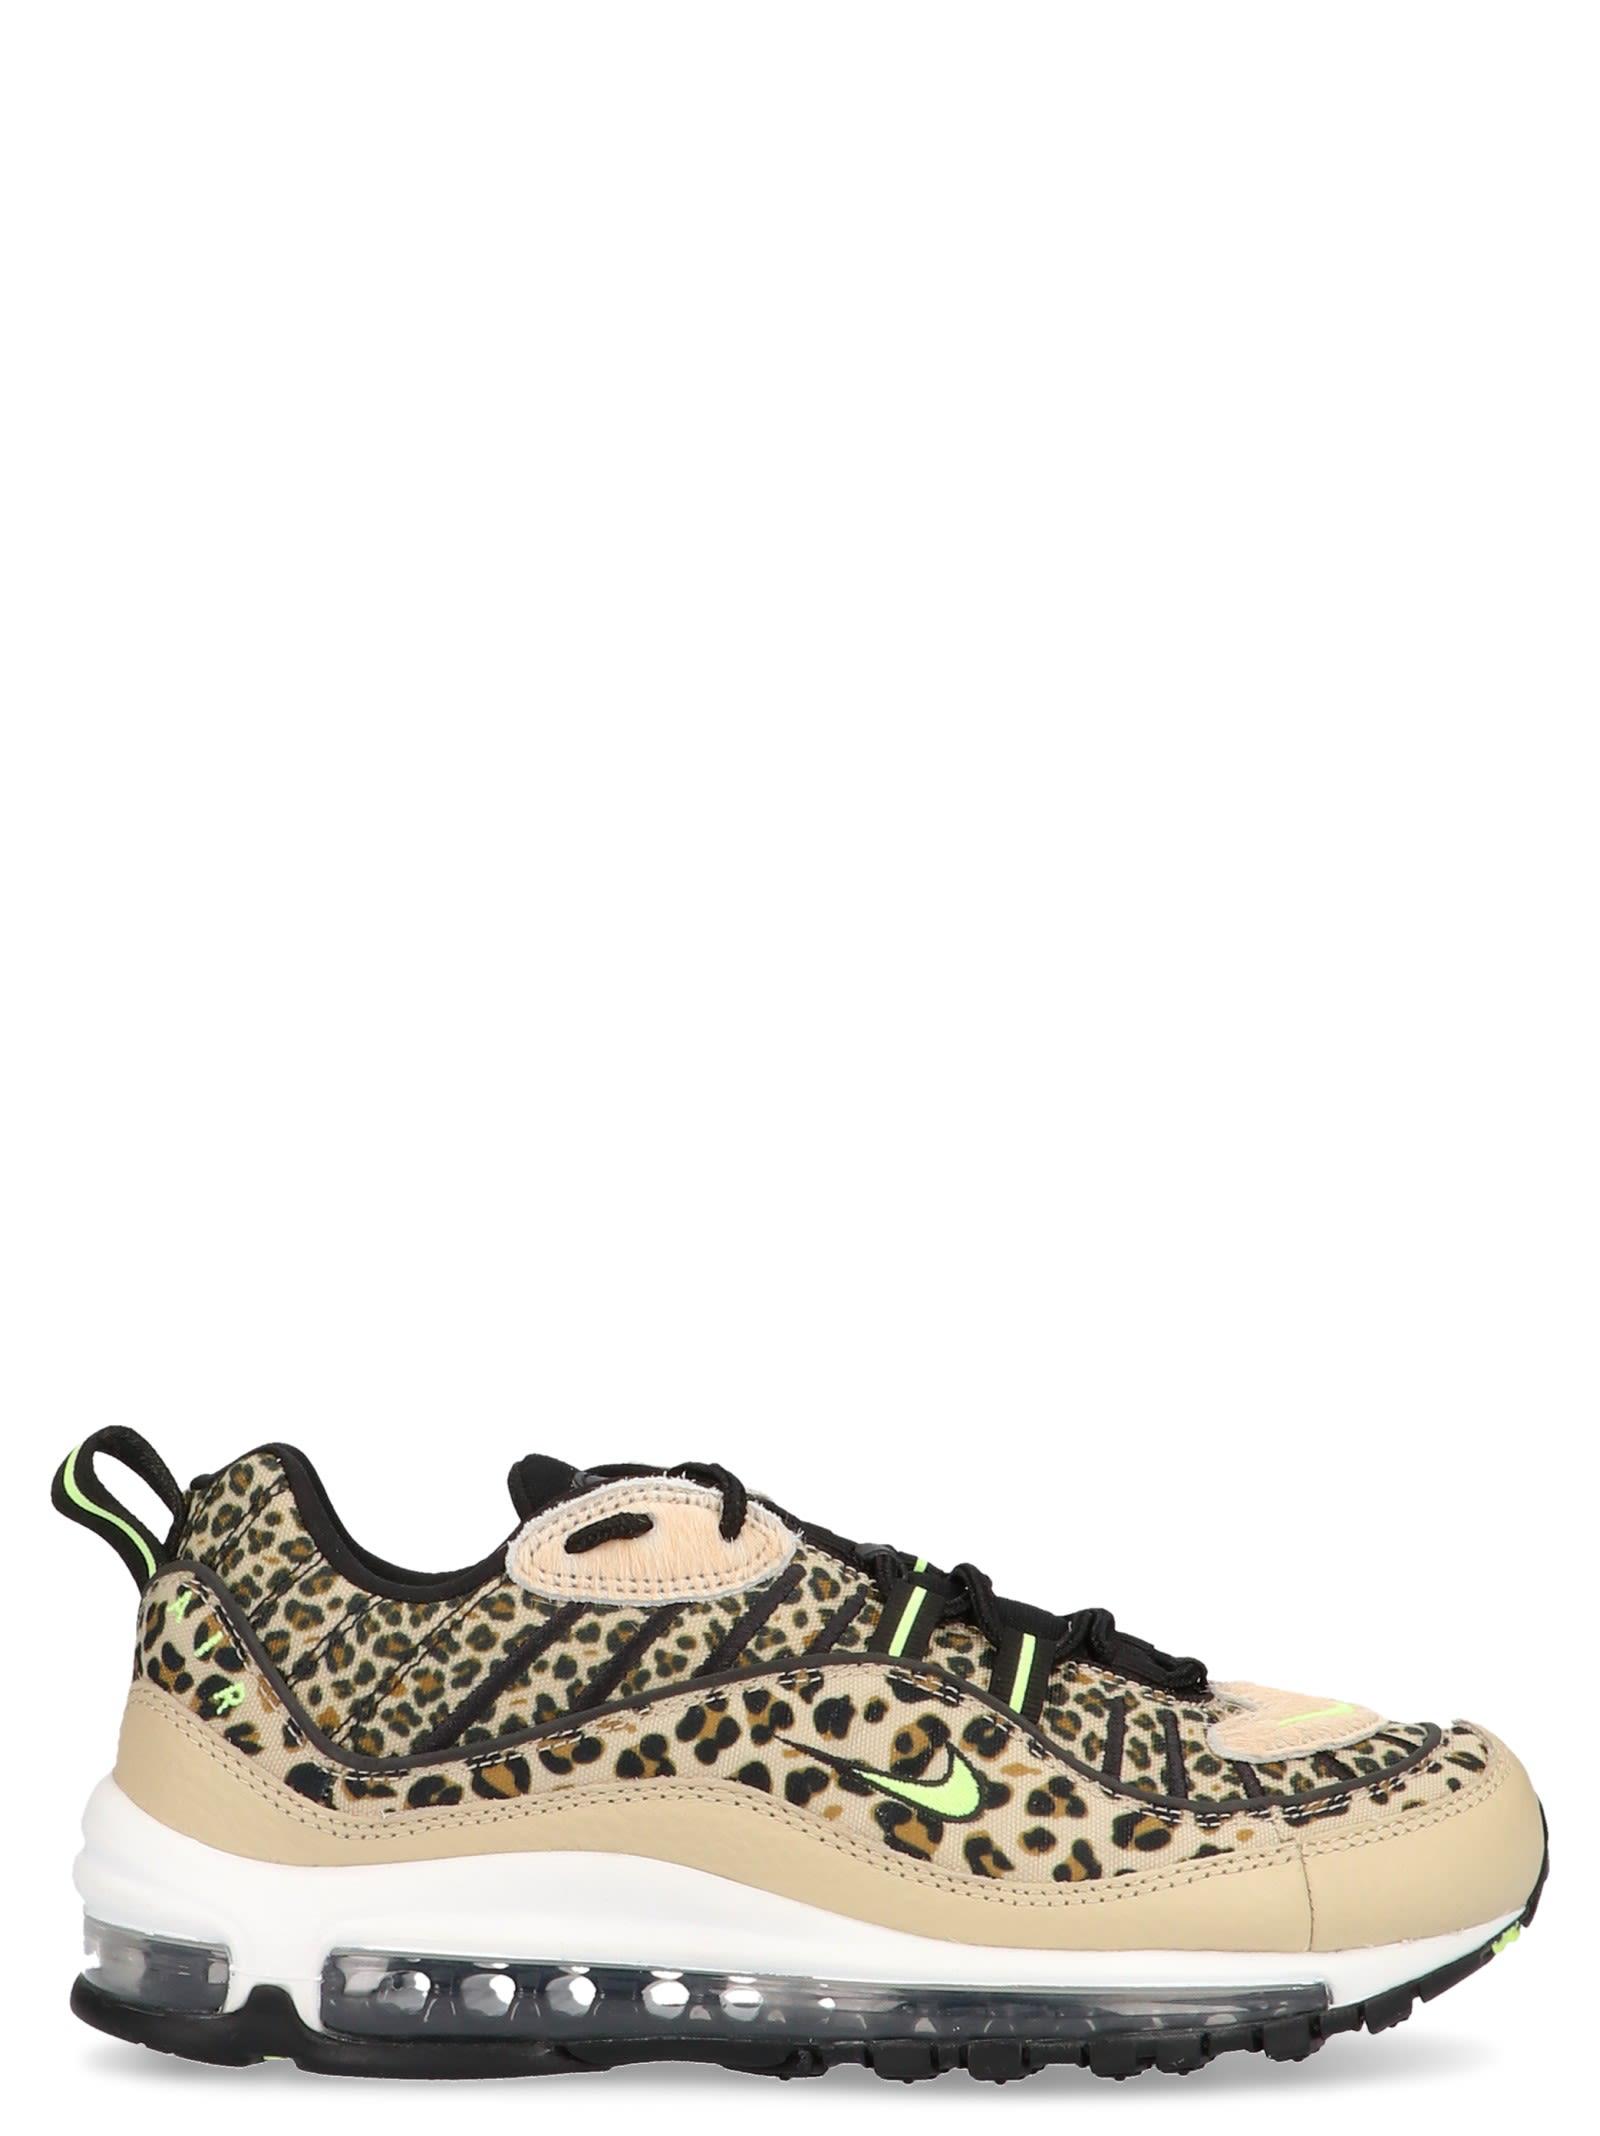 nike air max gold leopard print